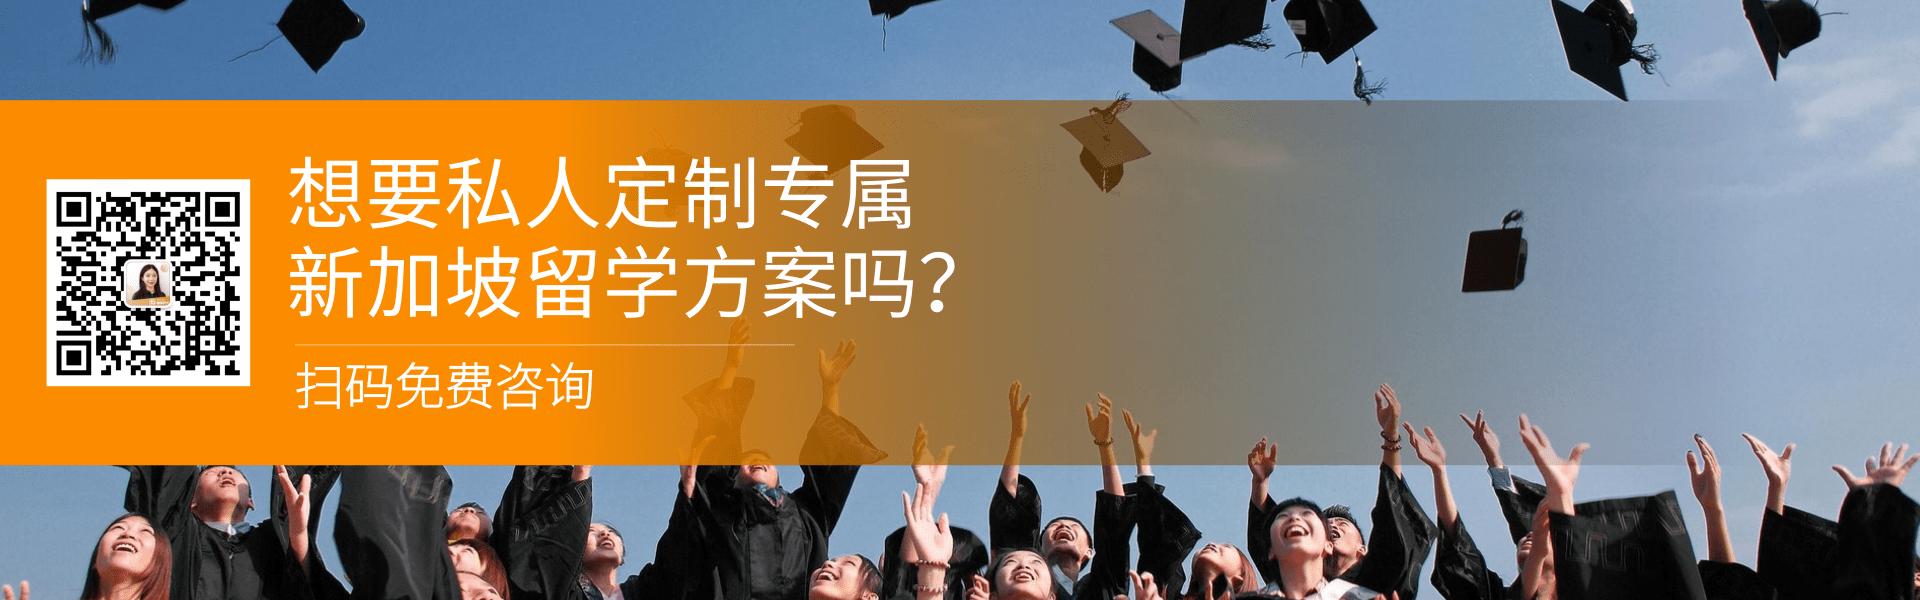 企业风Banner (2)